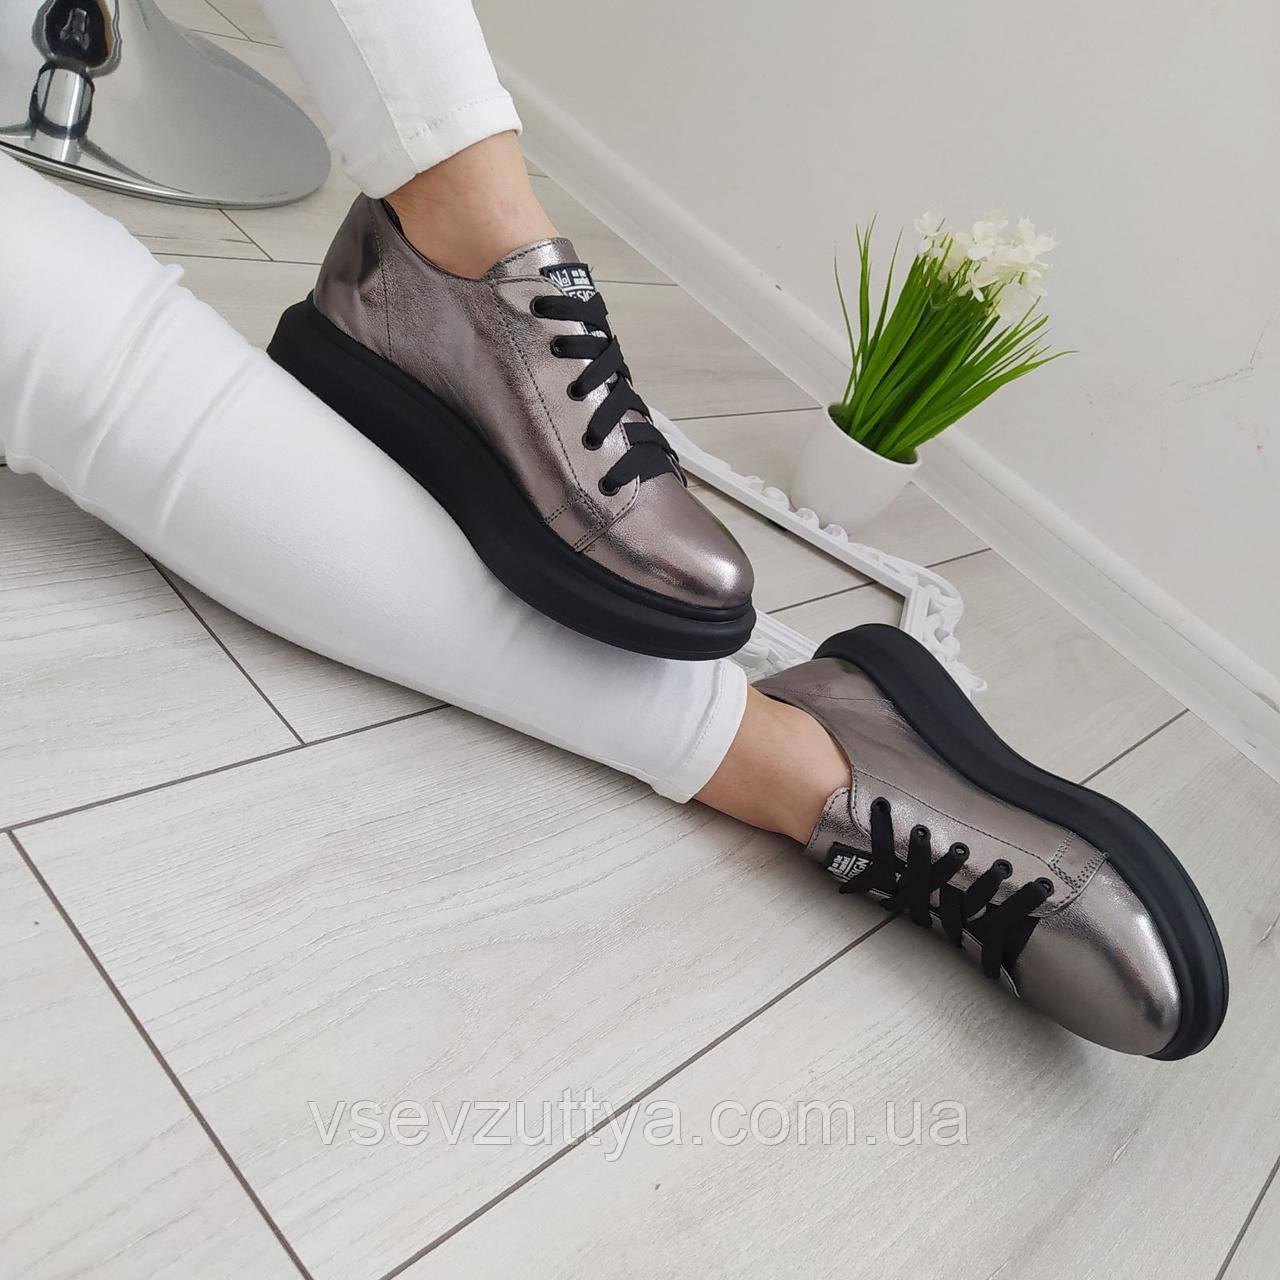 Кросівки жіночі шкіряні нікель